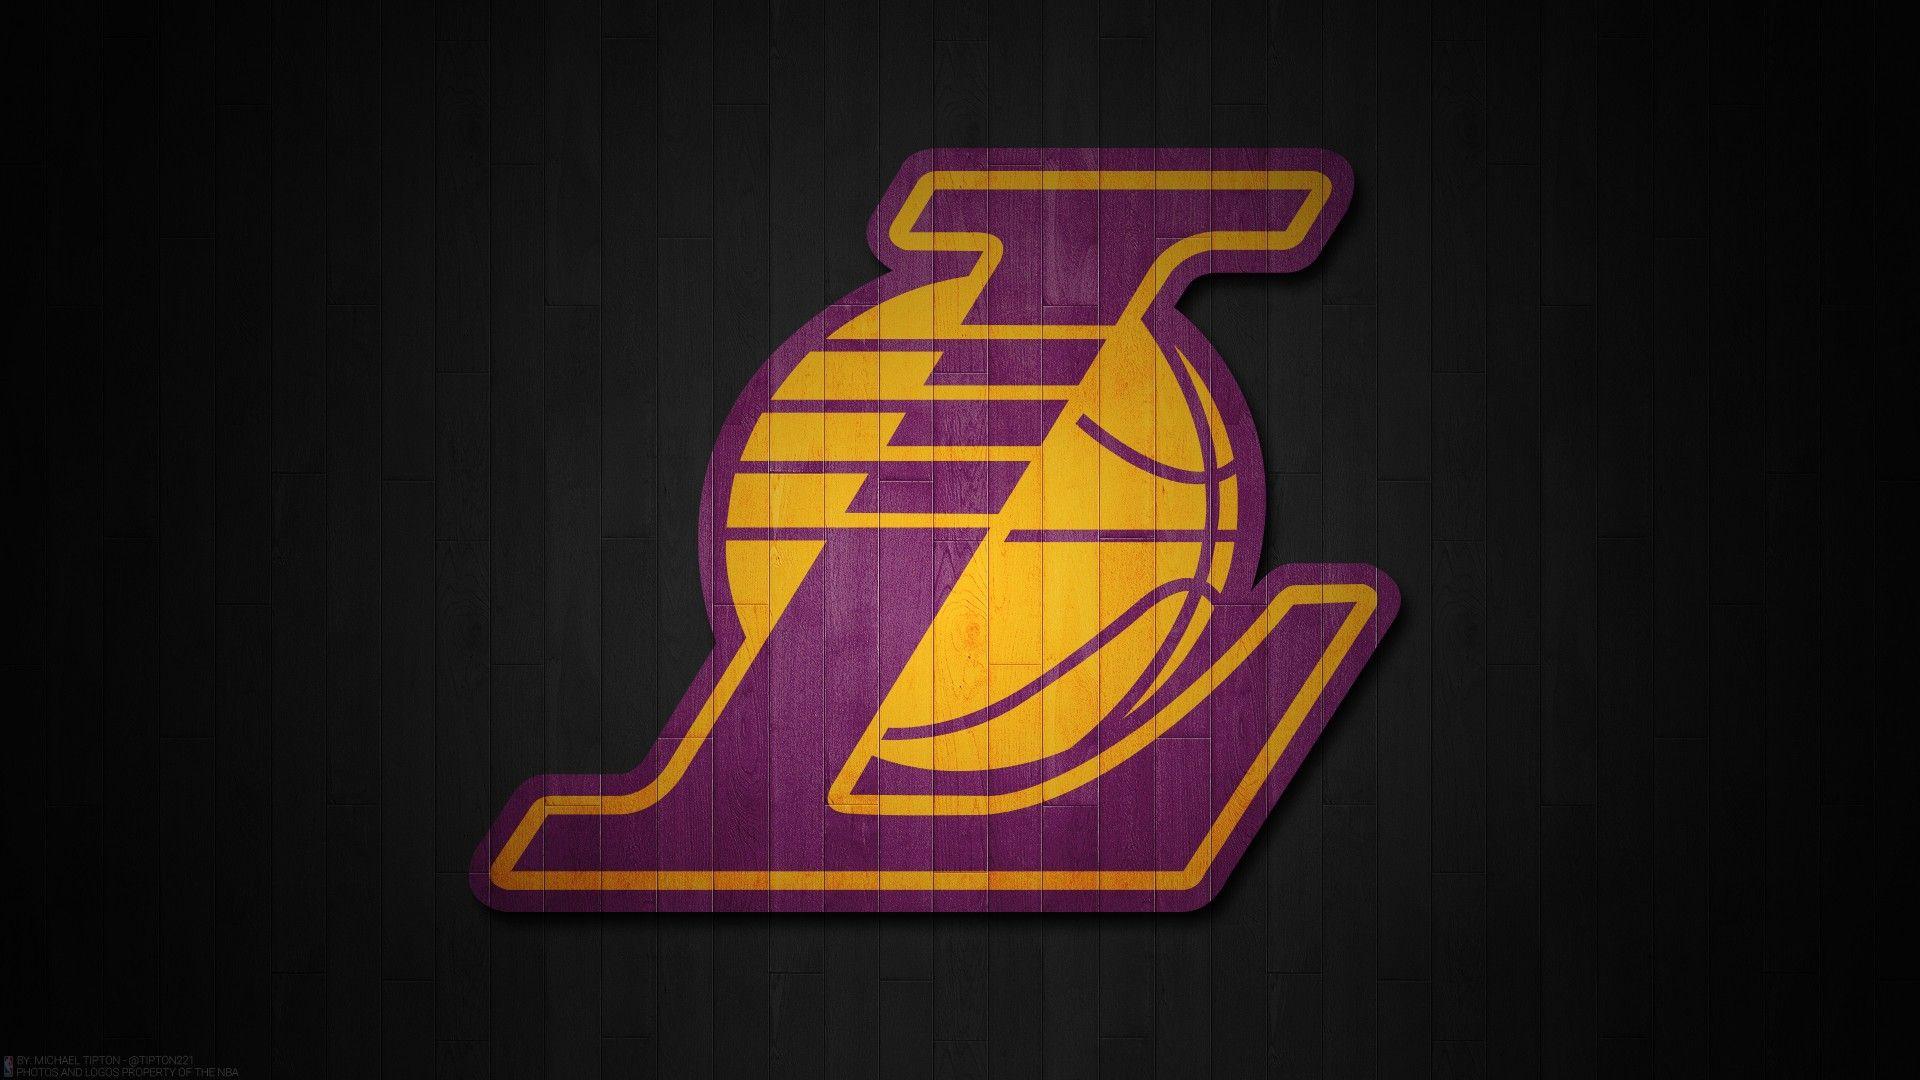 Hd Backgrounds La Lakers La Lakers Basketball Wallpapers Hd Basketball Wallpaper